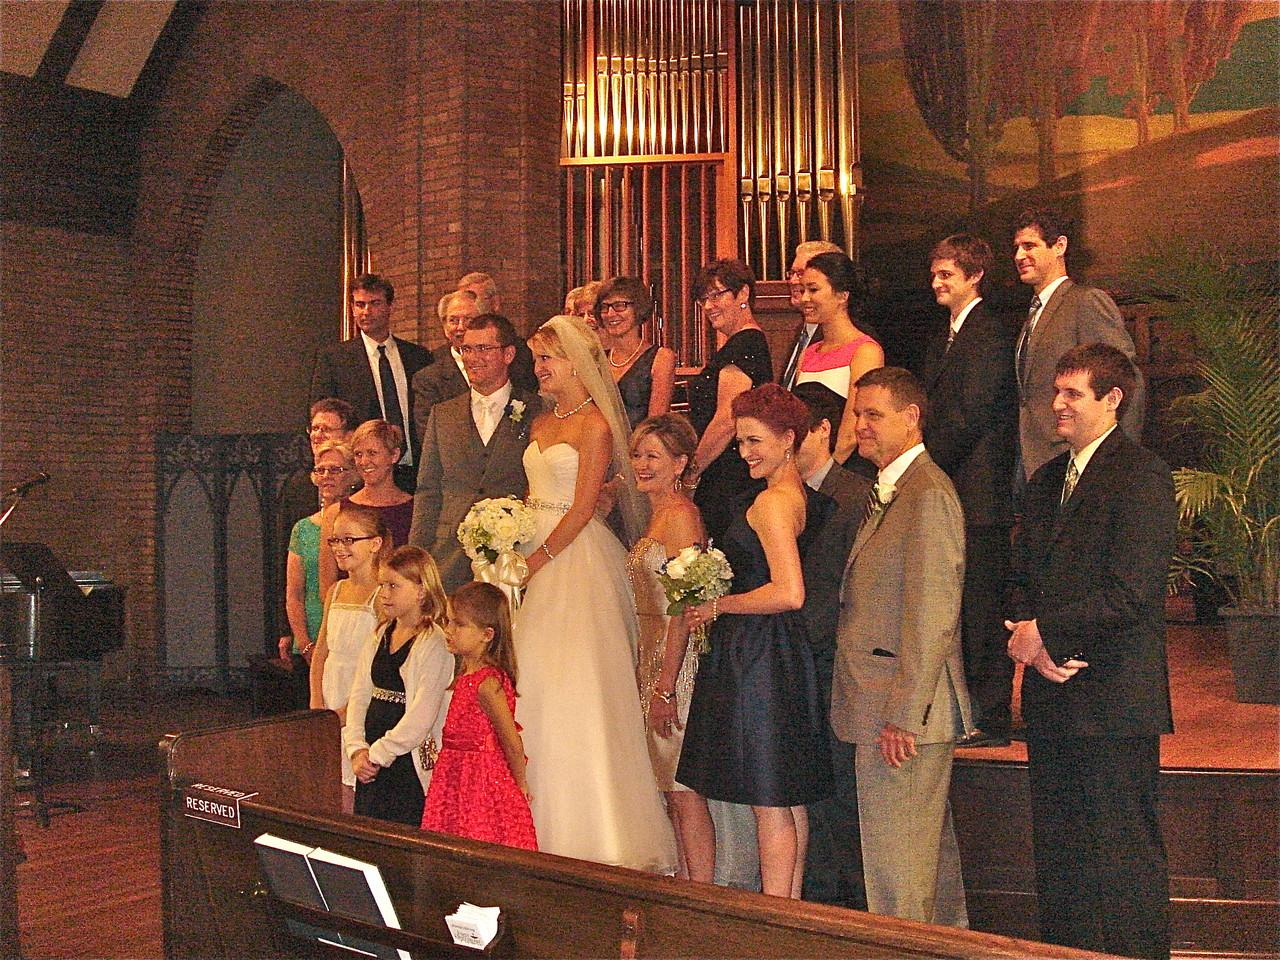 Bride & Groom's Families